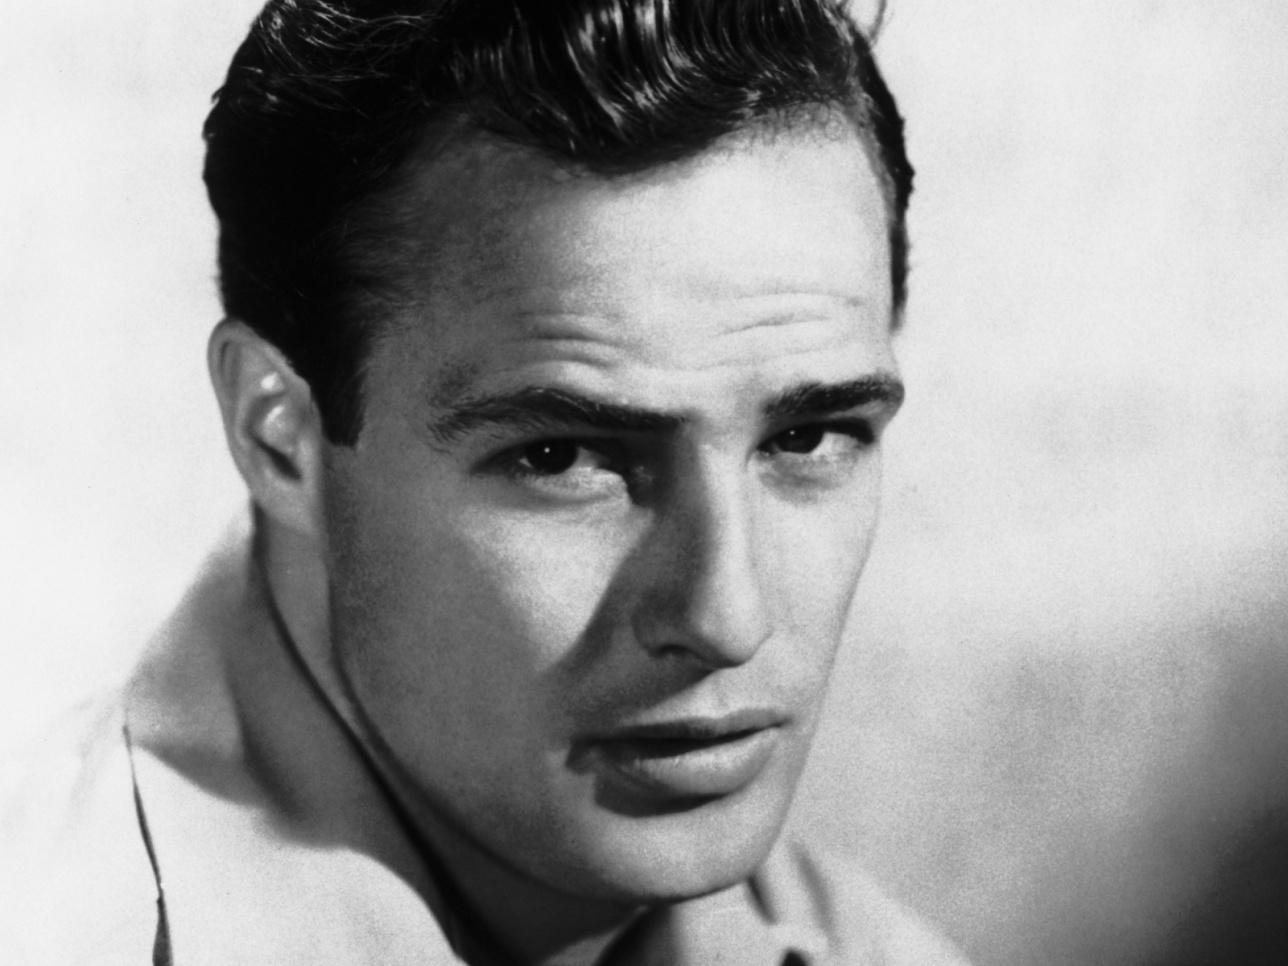 Культовый американский актёр театра и кино Марлон Брандо